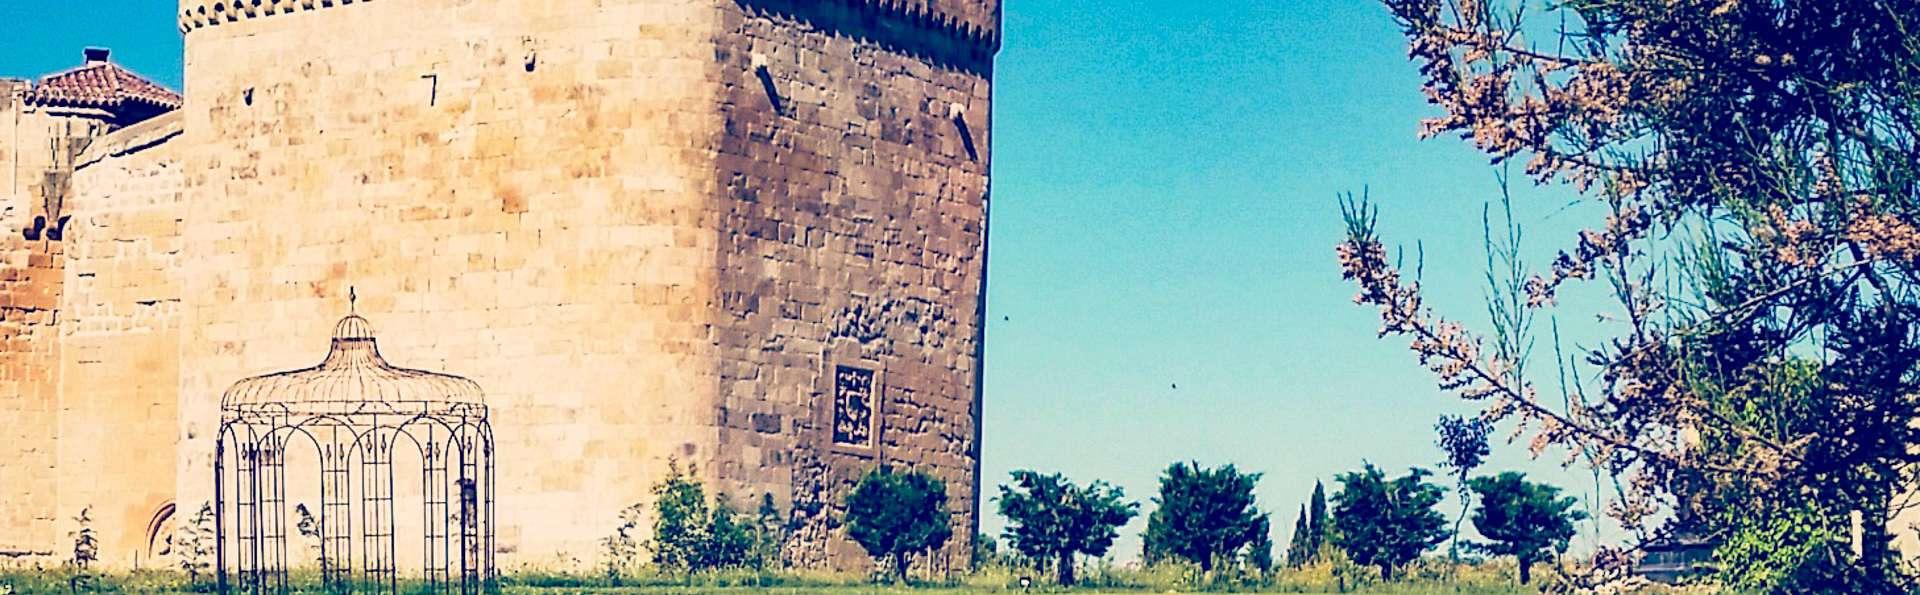 Castillo del Buen Amor - EDIT_FRONT_02.jpg